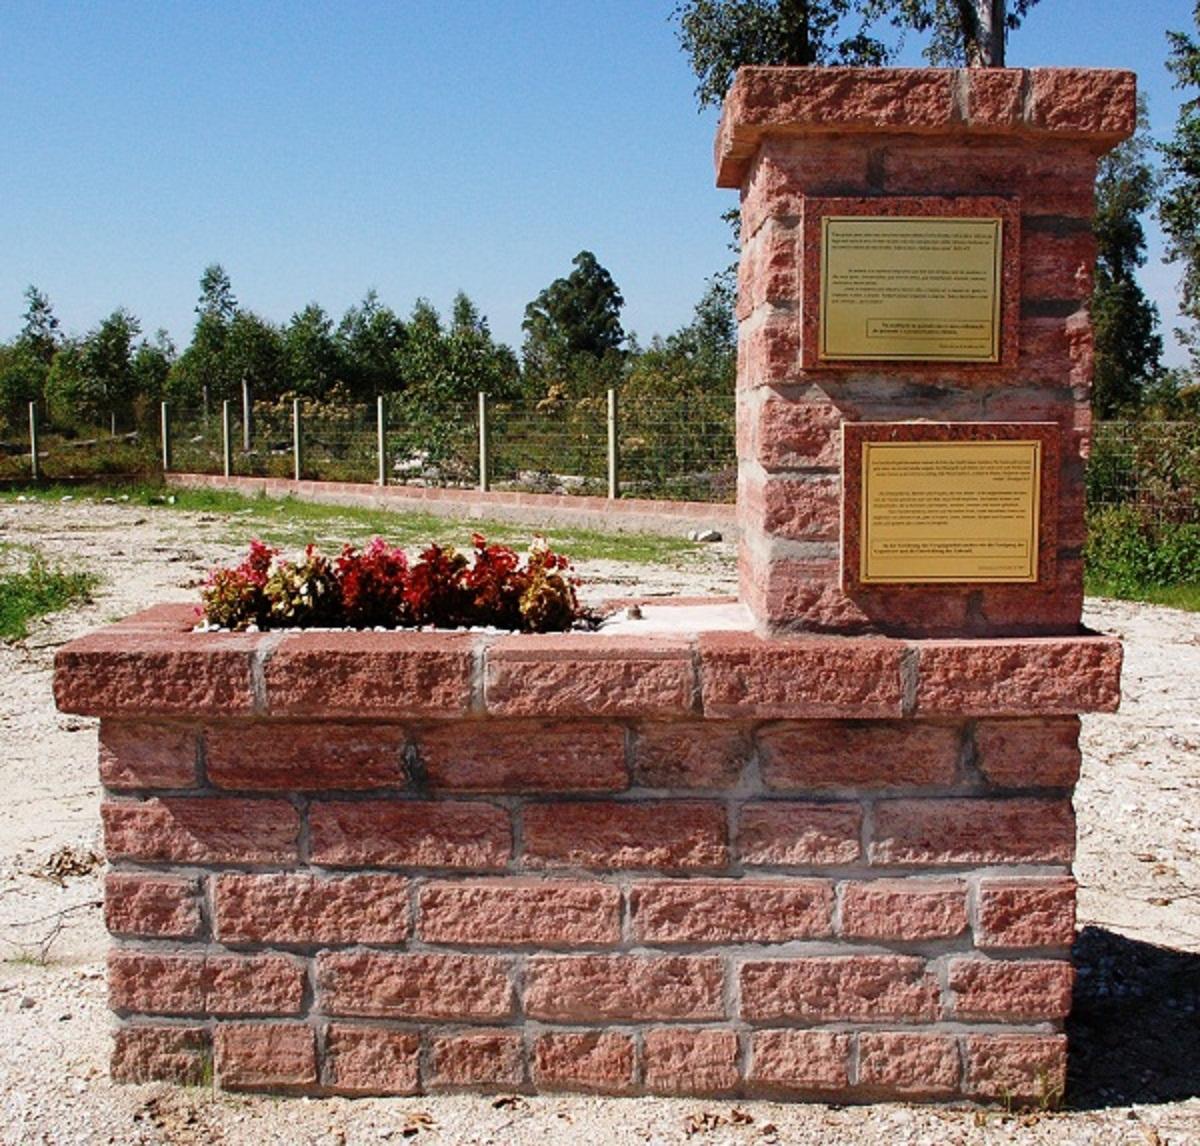 Agudo 026 1200pix Monumento com placas e entorno